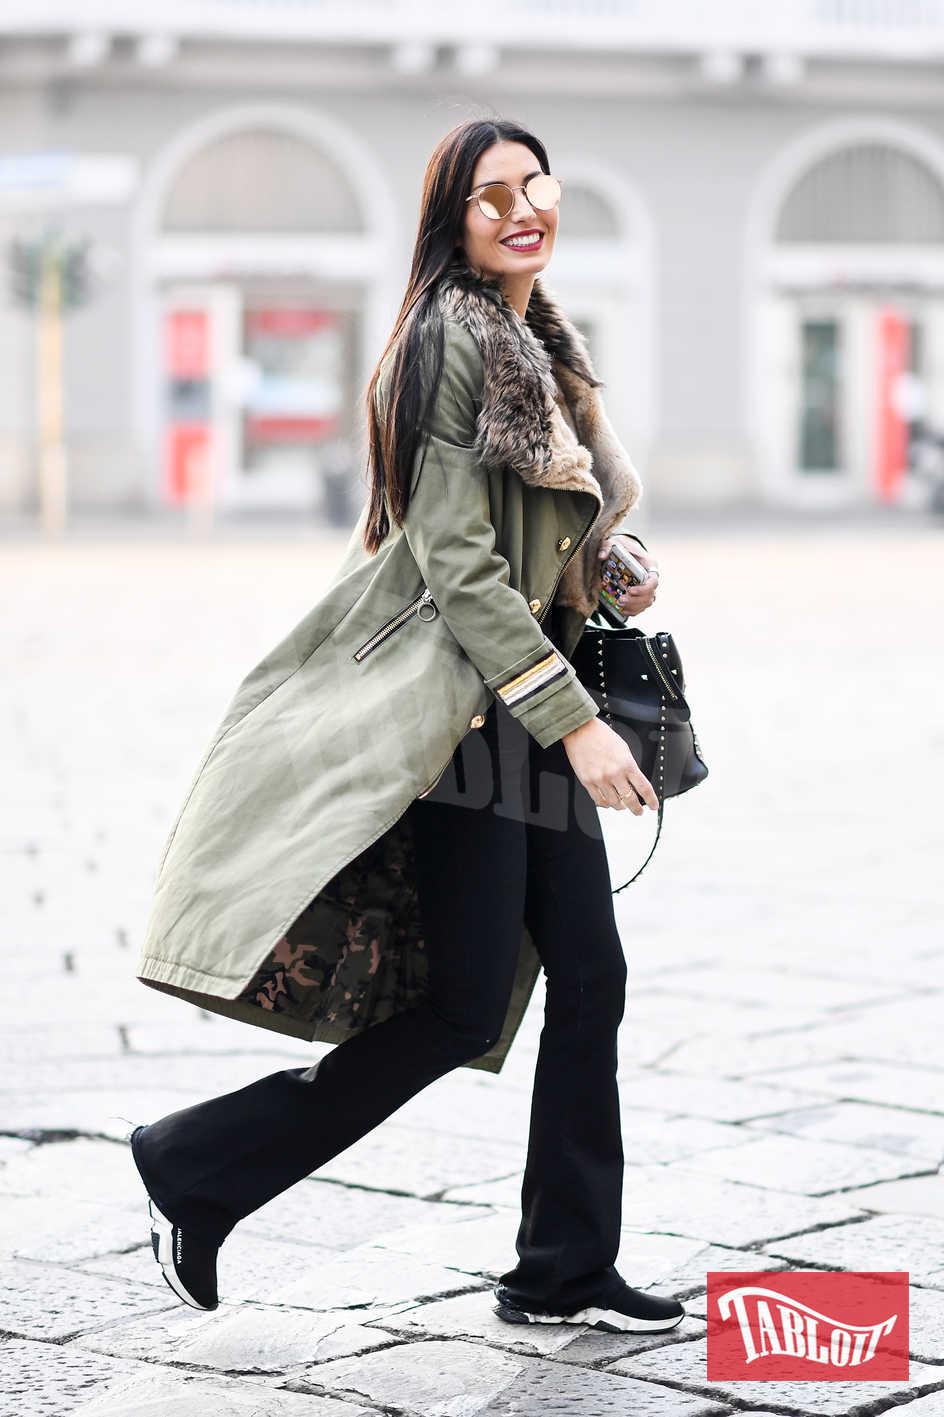 Elisabetta Gregoraci ha scelto un look sportivo: pantaloni neri della tuta, scarpe da ginnastica in tinta, occhiali a specchio e cappotto con pelo. Il tocco chic? La borsa nera con borchie firmata Valentino